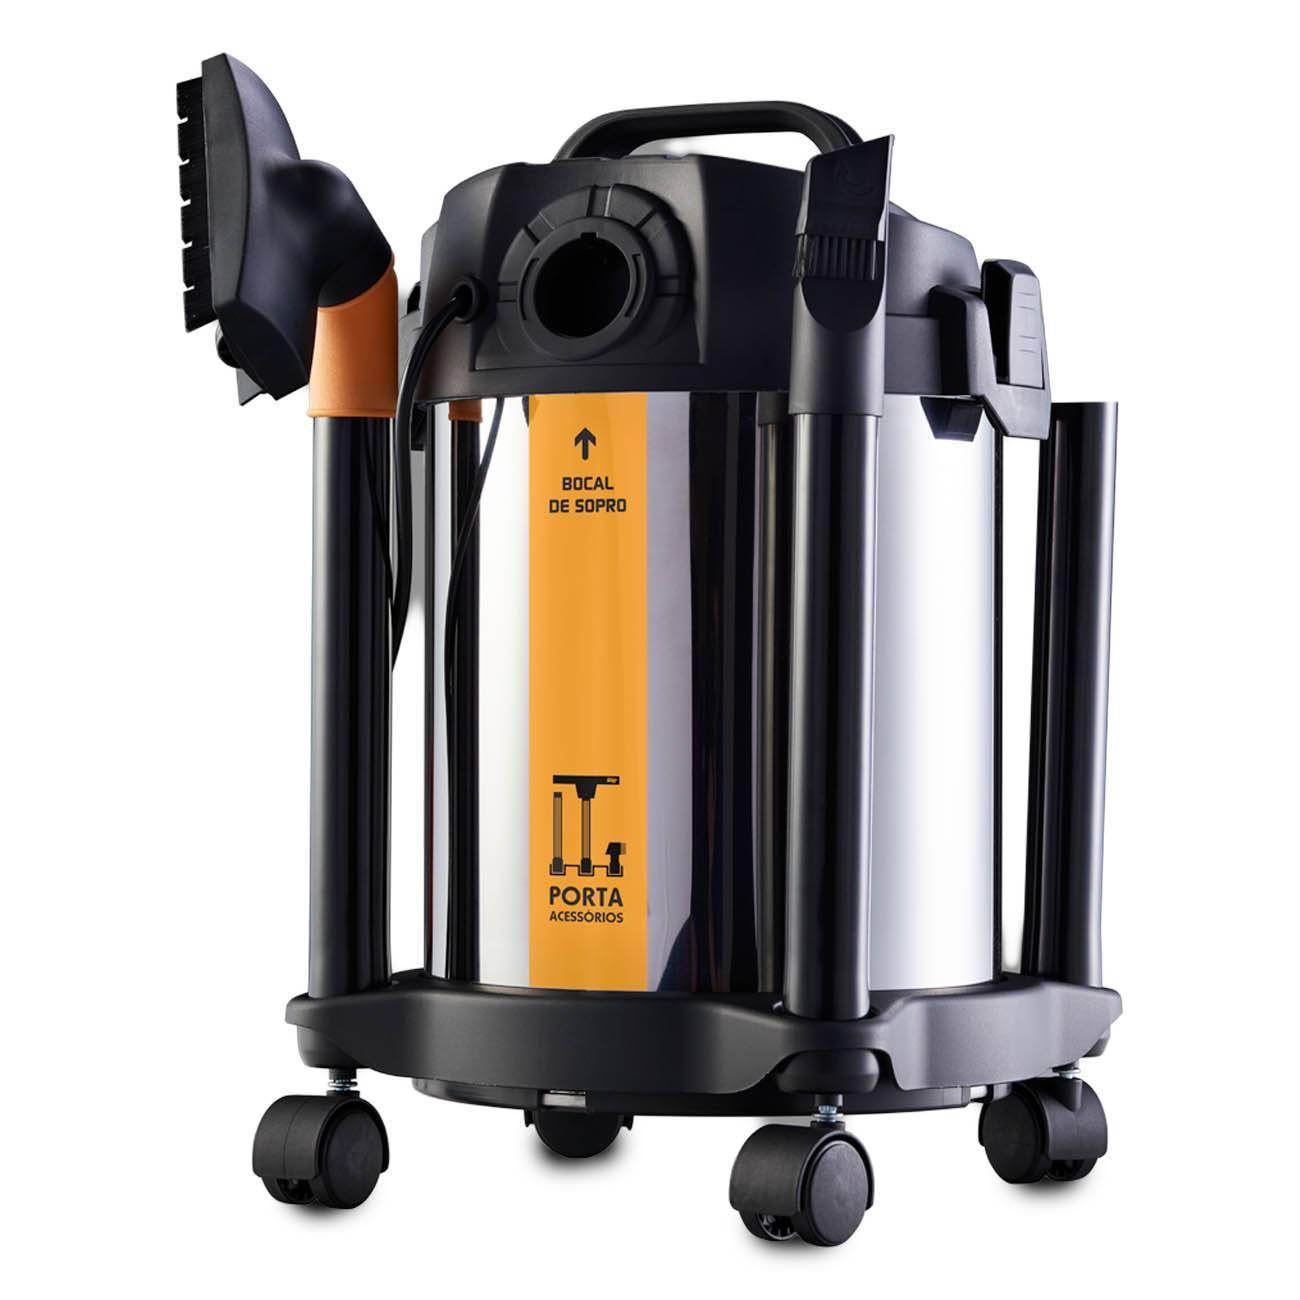 Aspirador De Pó E Água Inox 1600w Gtw 20 litros Wap - LCGELETRO